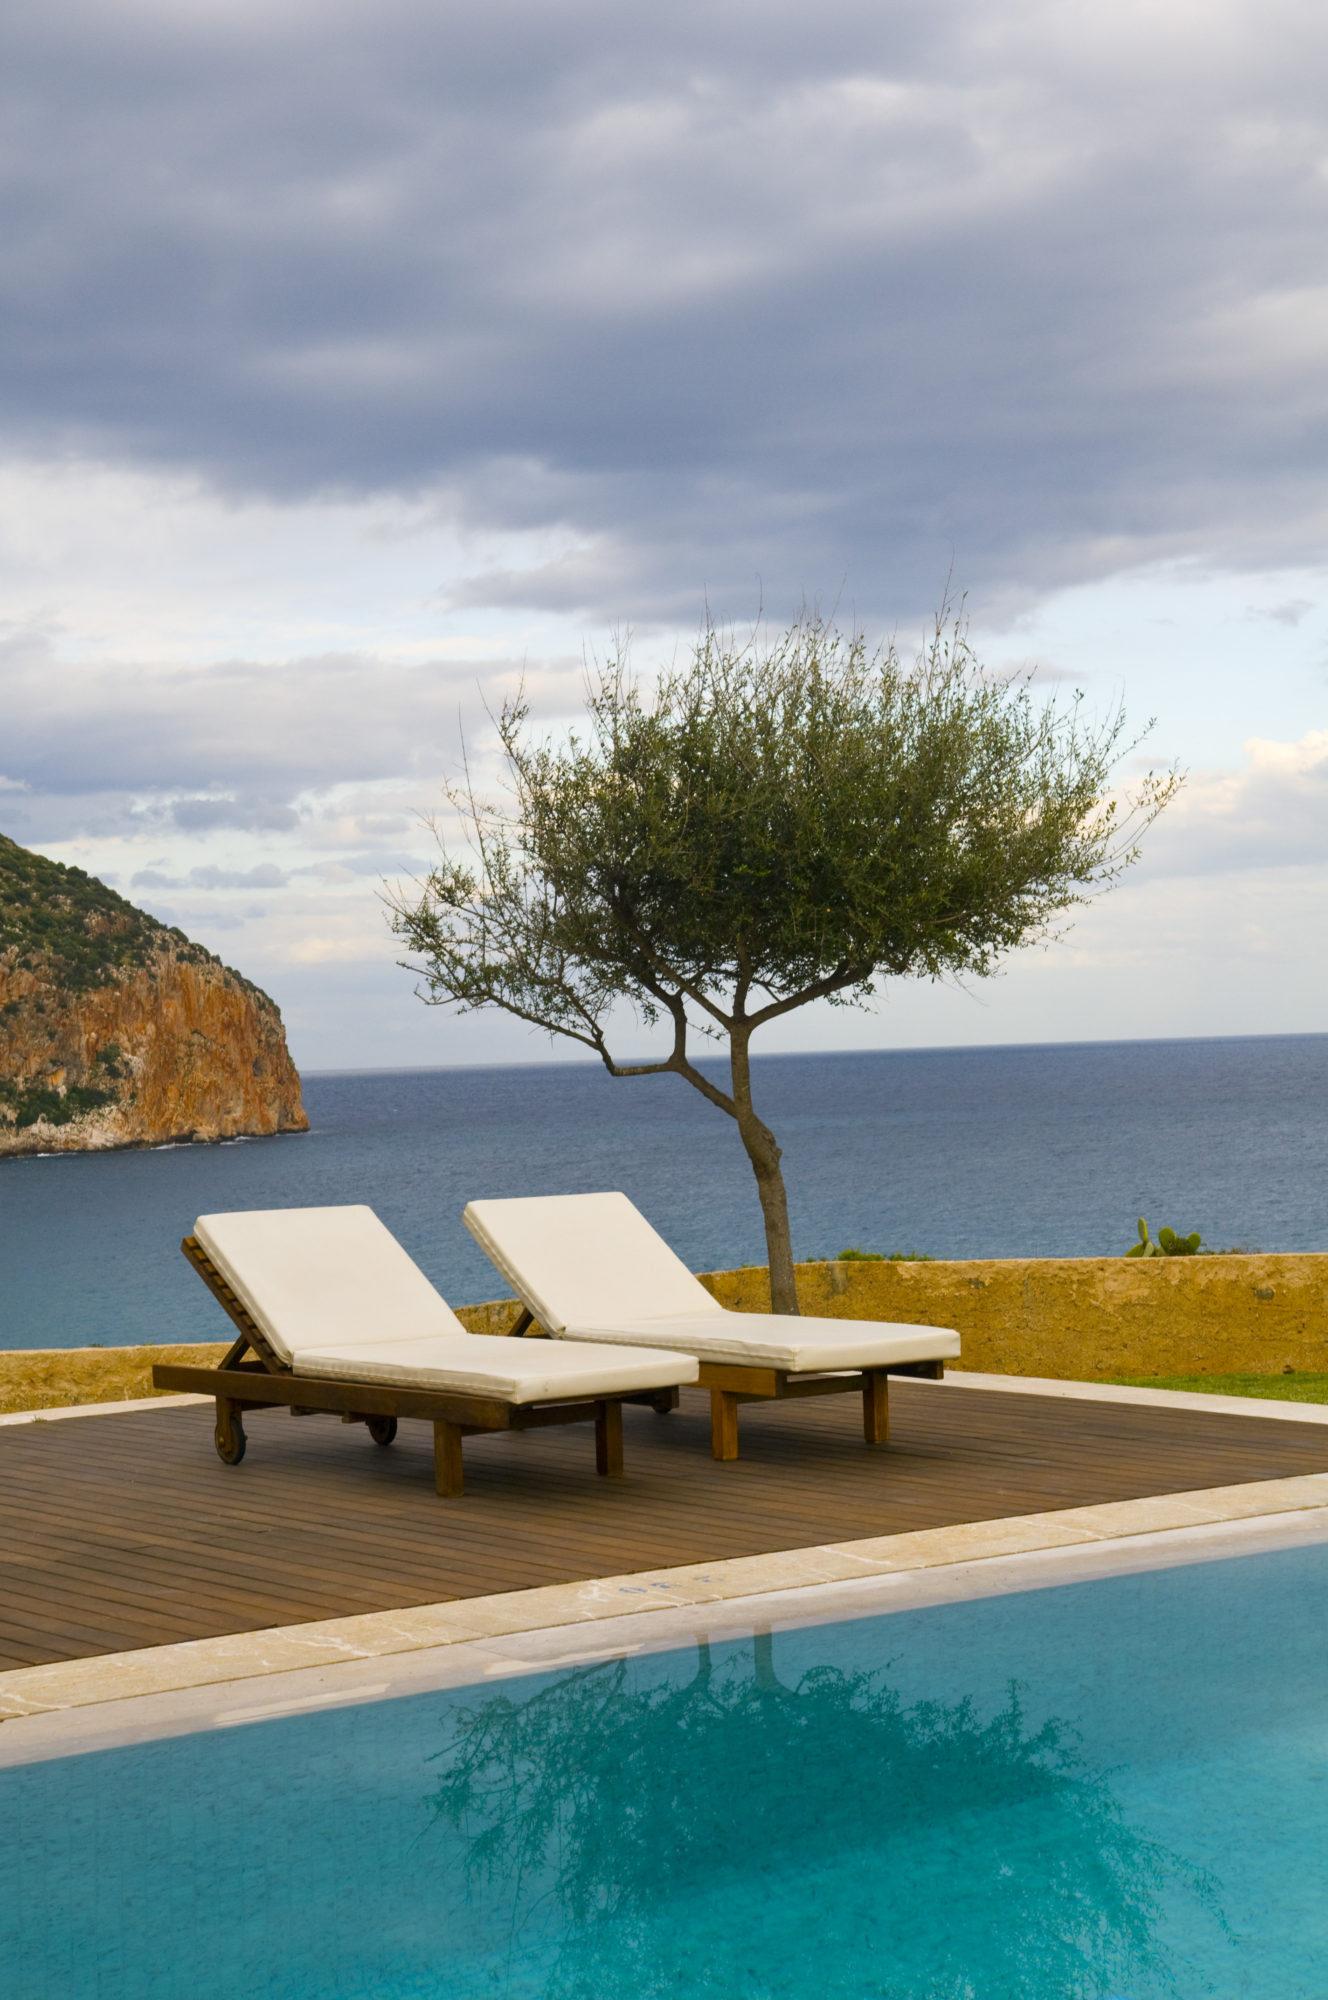 Can simonet Mallorca2631